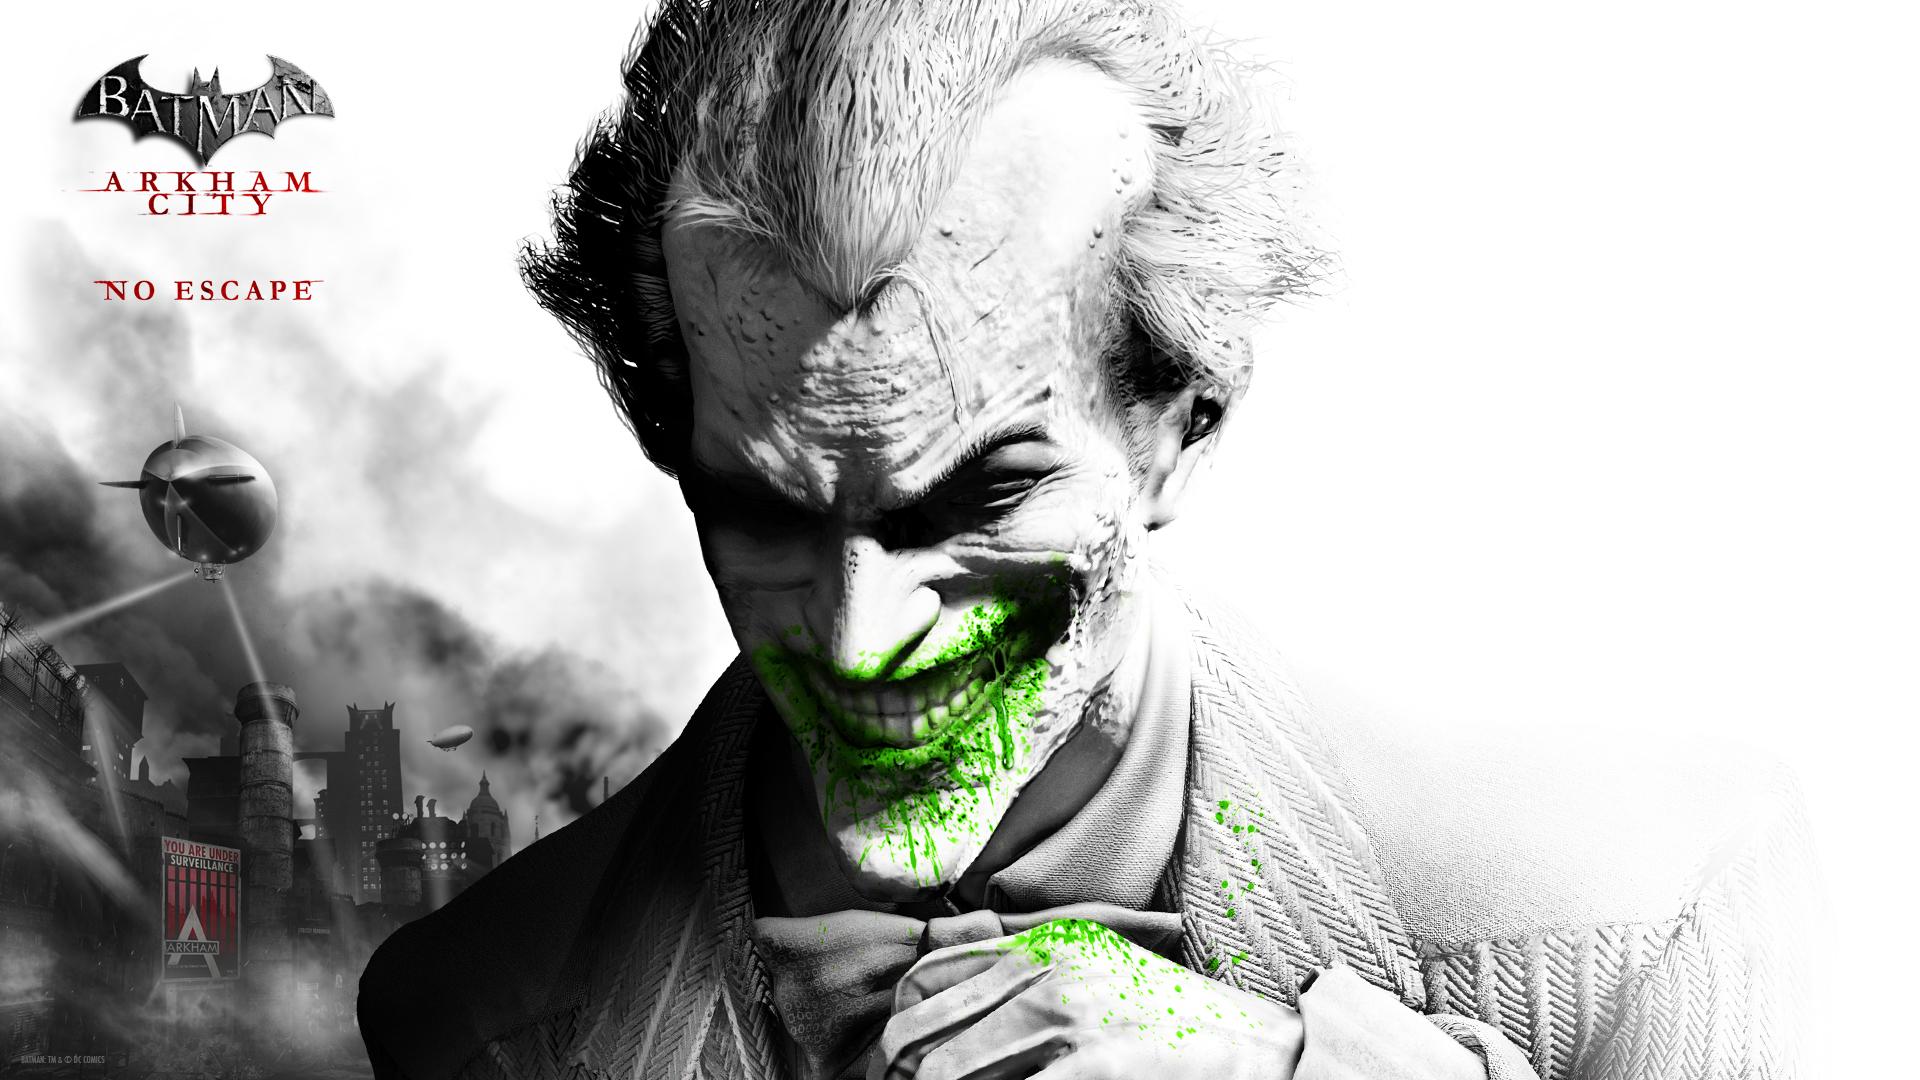 Joker arkham city wallpaper wallpapersafari for Desktop joker